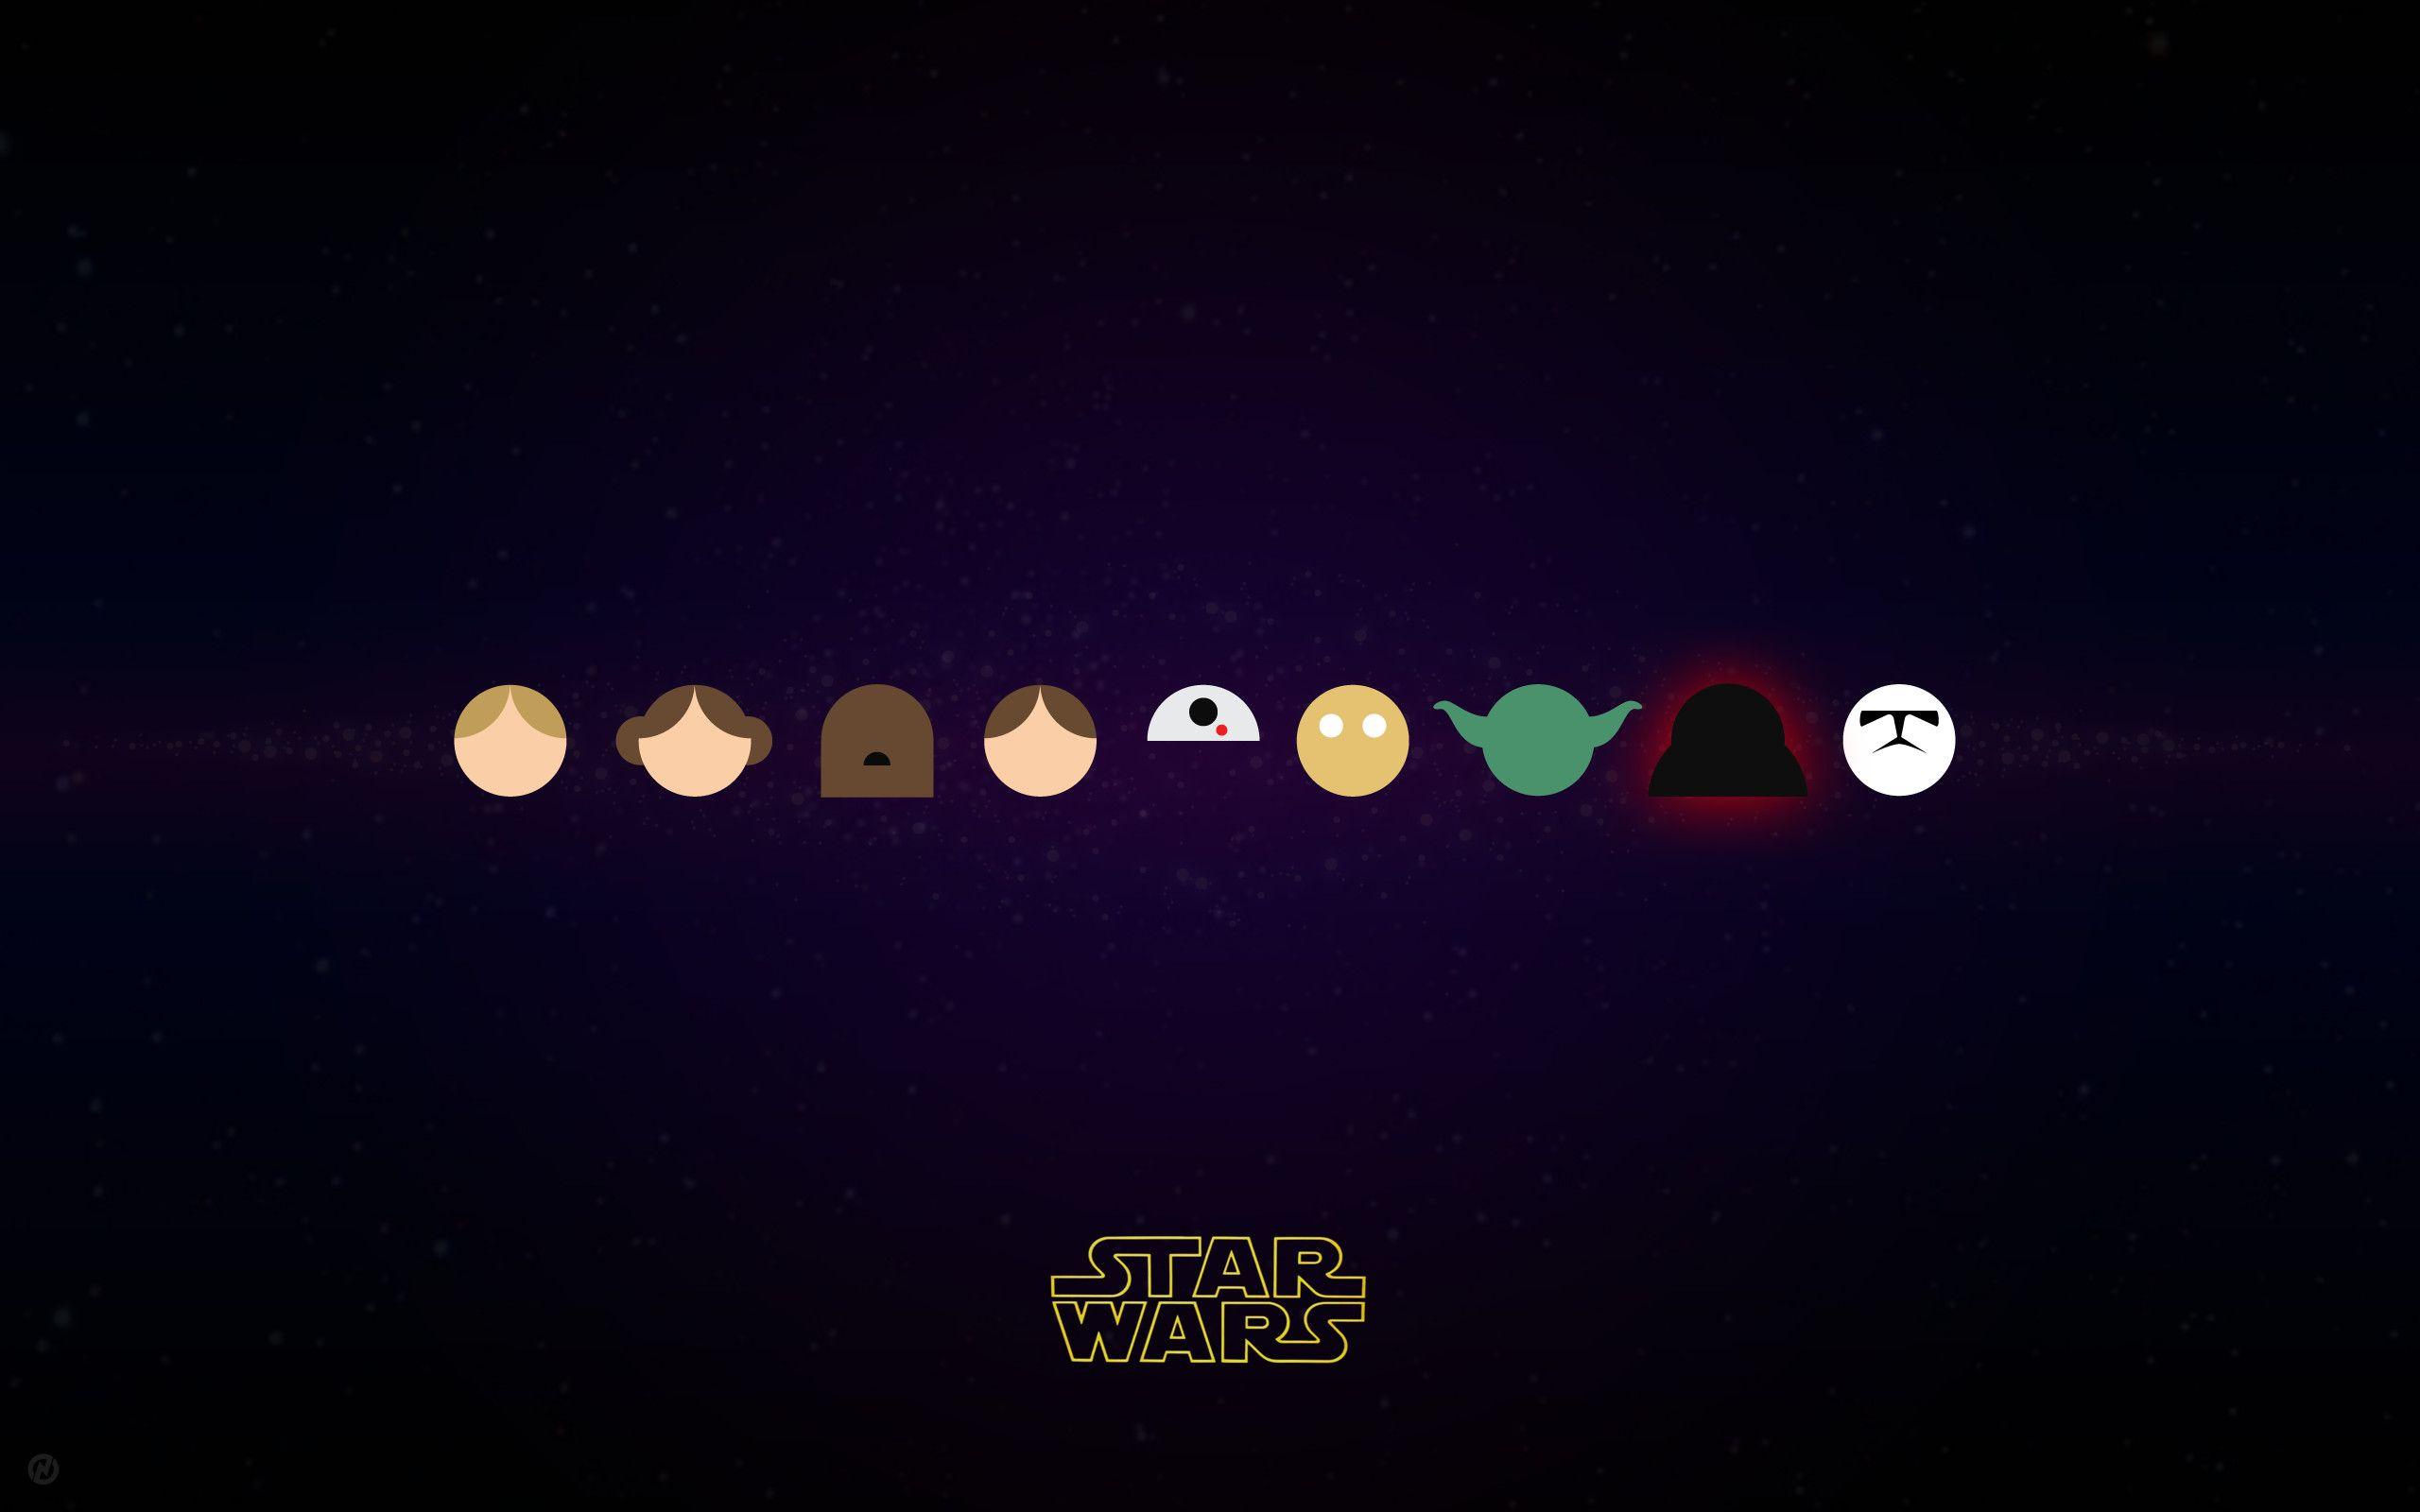 Star Wars Logo Wallpaper 4k